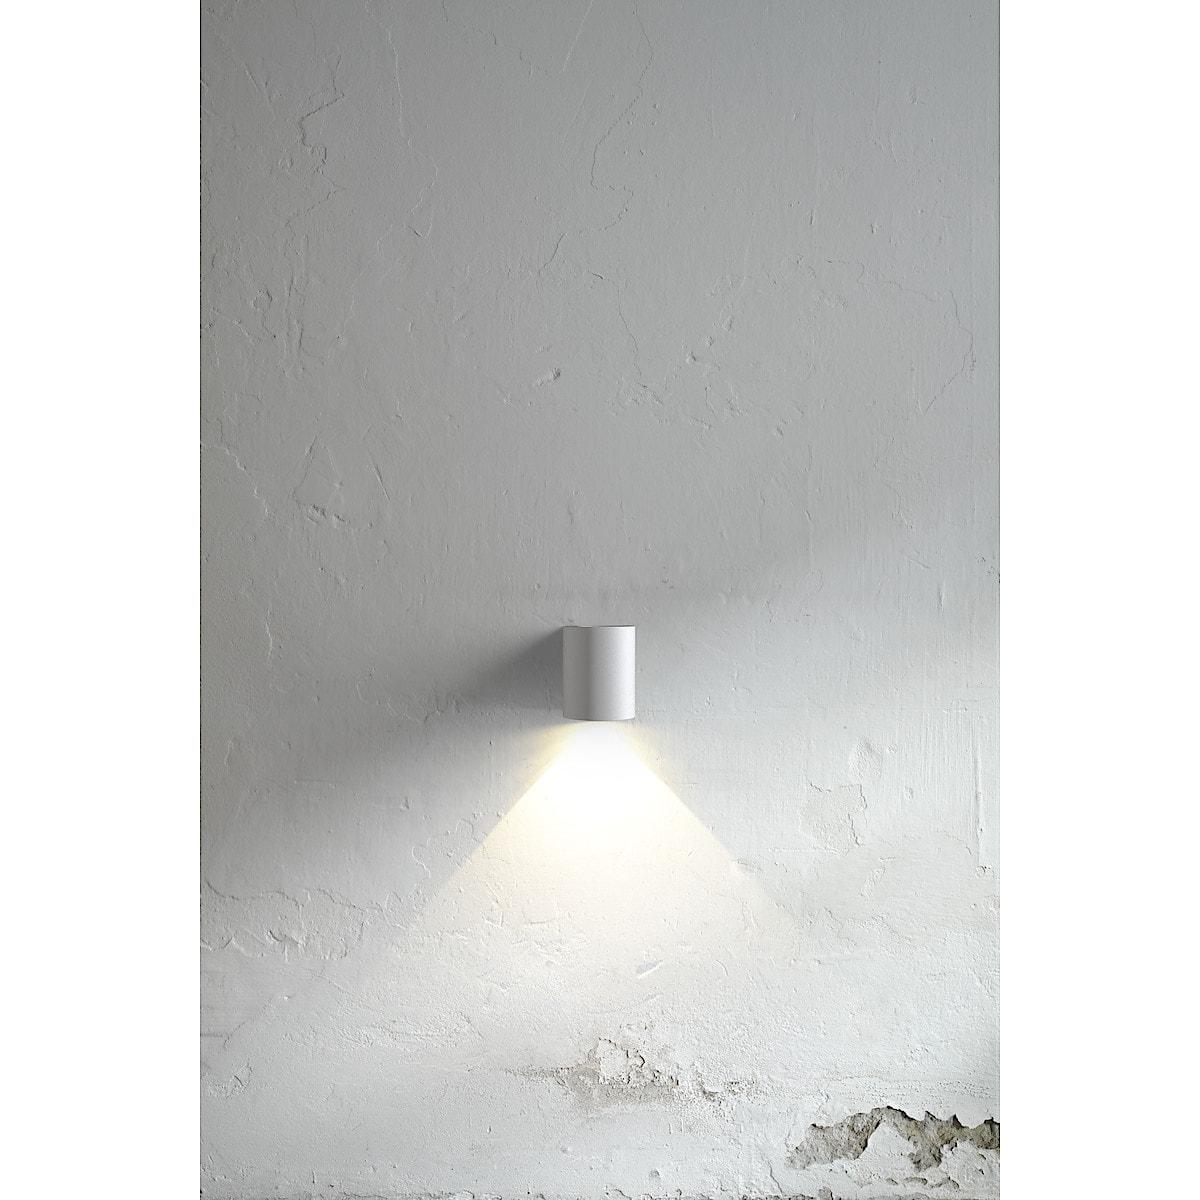 Väggspotlight LED Canto Nordlux